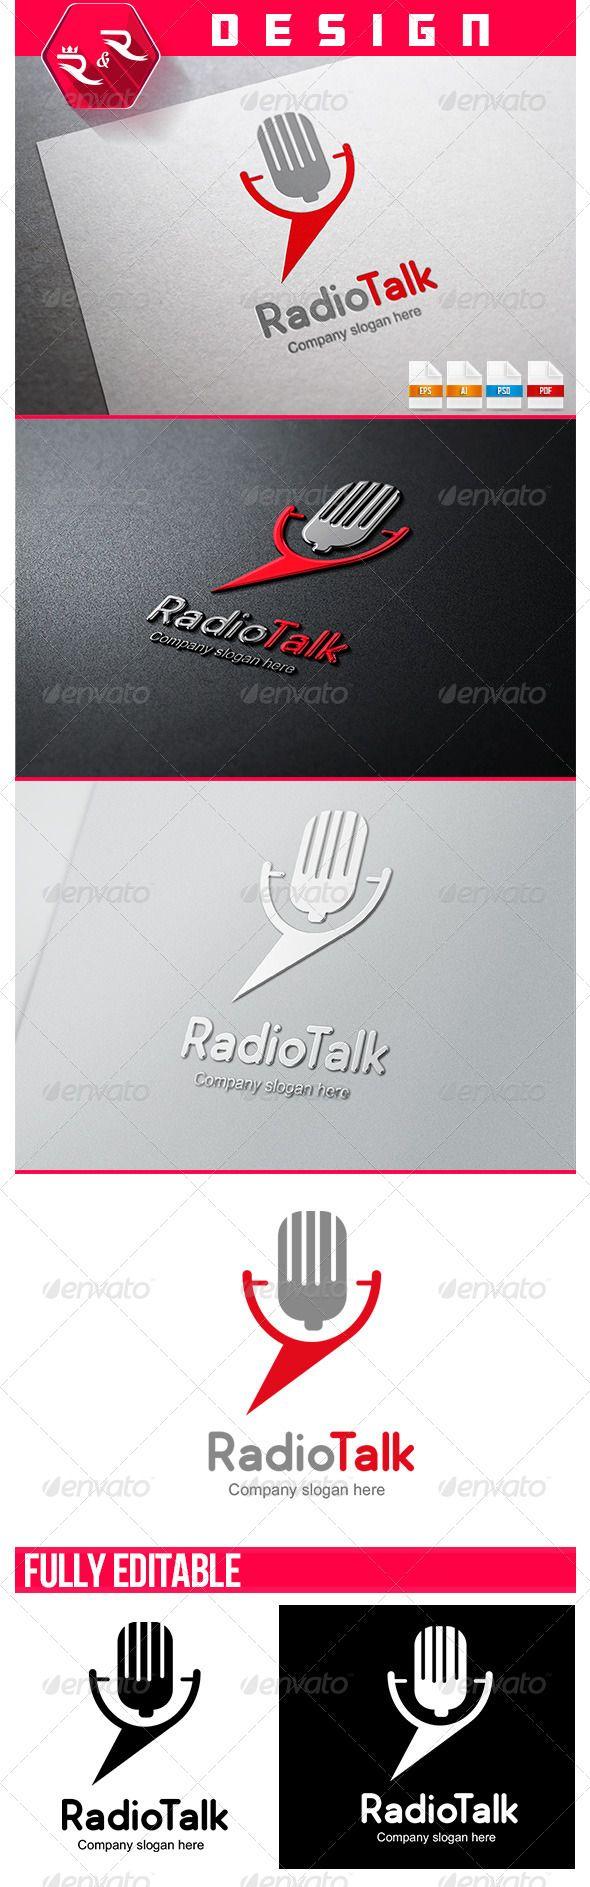 14 best logo radio images on Pinterest | Logo designing, Logos and ...